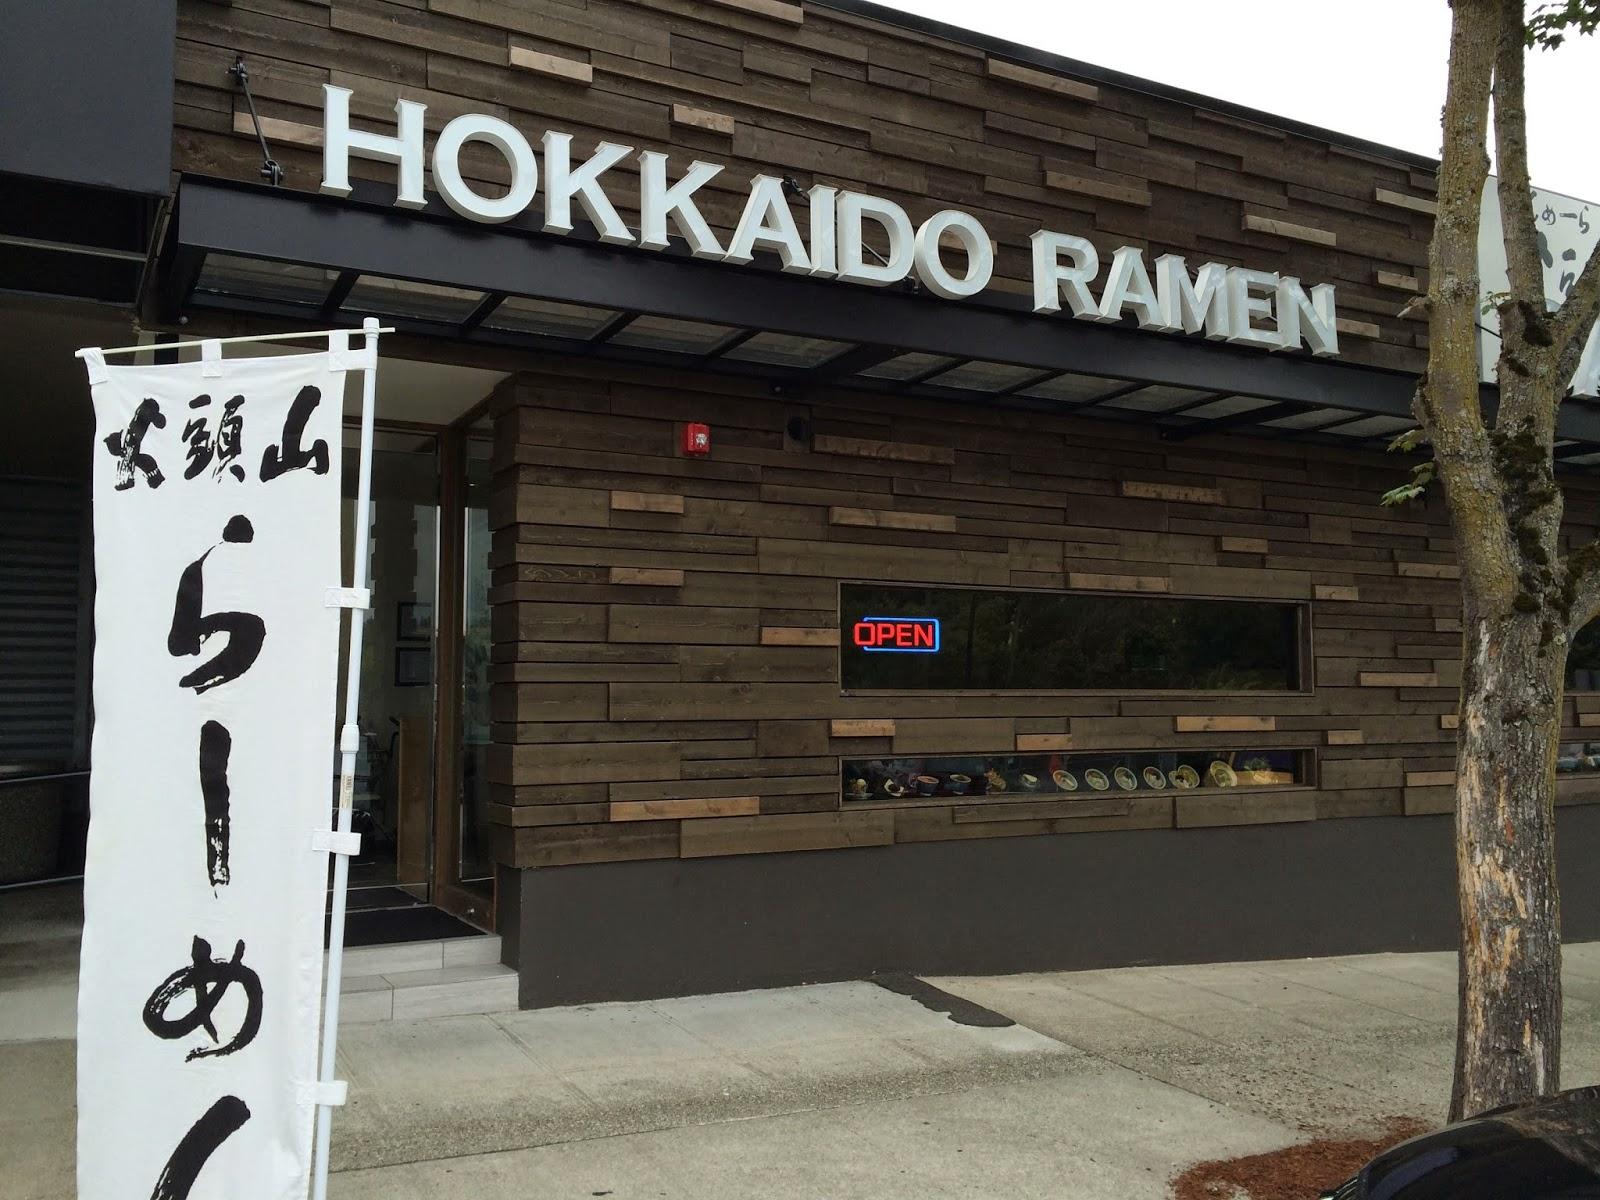 Hokkaido Ramen, Bellevue